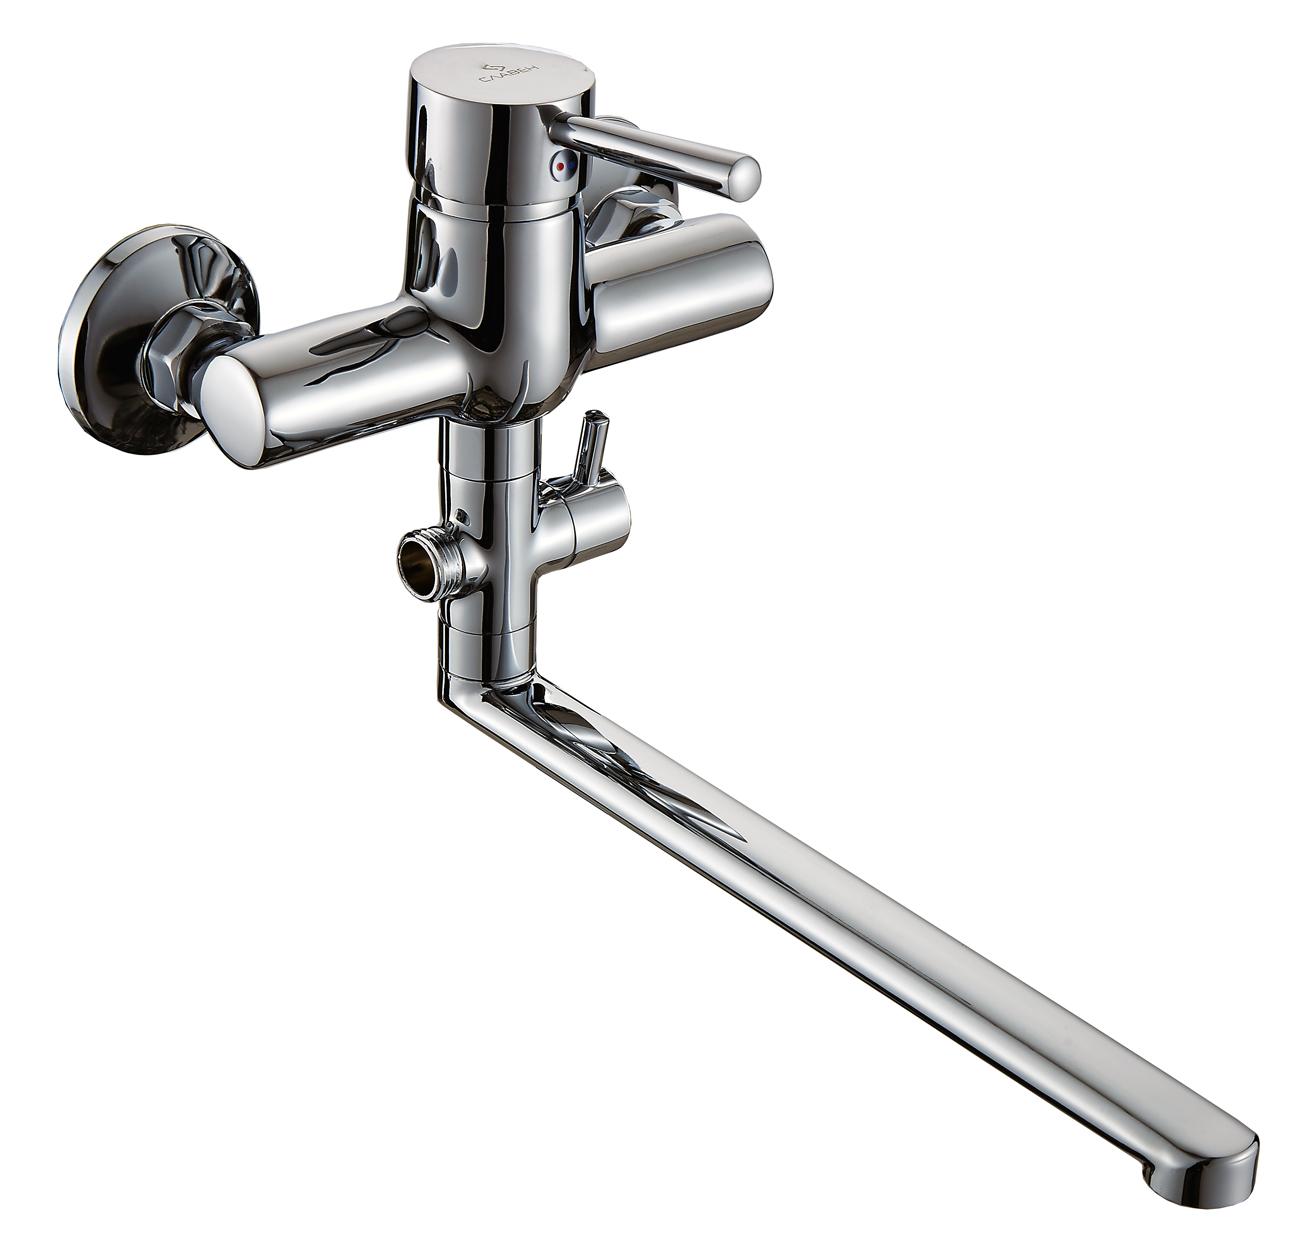 Смеситель Славен для ванны и умывальника универсальный с поворотным изливом, переключатель флажковый, комплект, одноручный.Д31